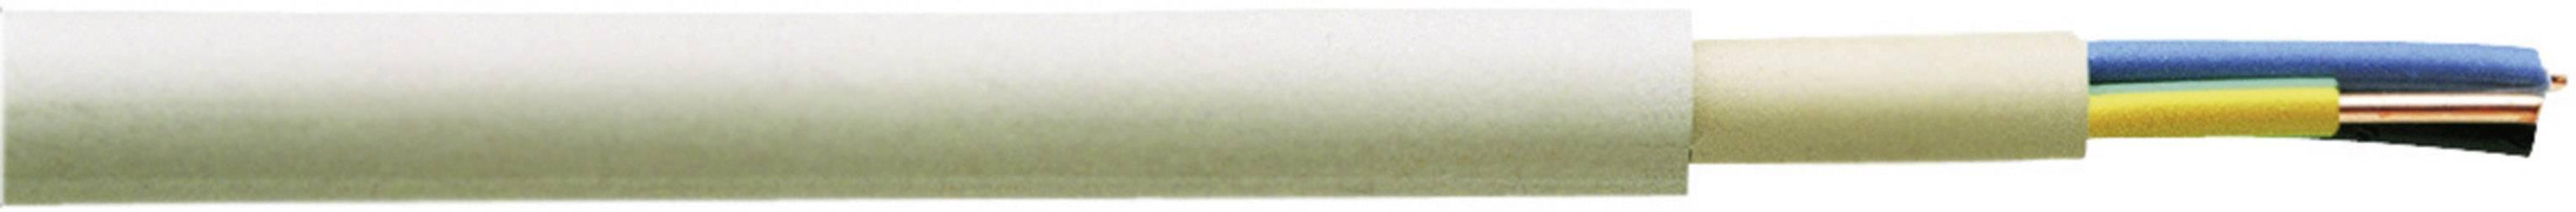 Opláštěné vedení Faber Kabel NYM-J 020020, 5 G 1.50 mm², 100 m, šedá